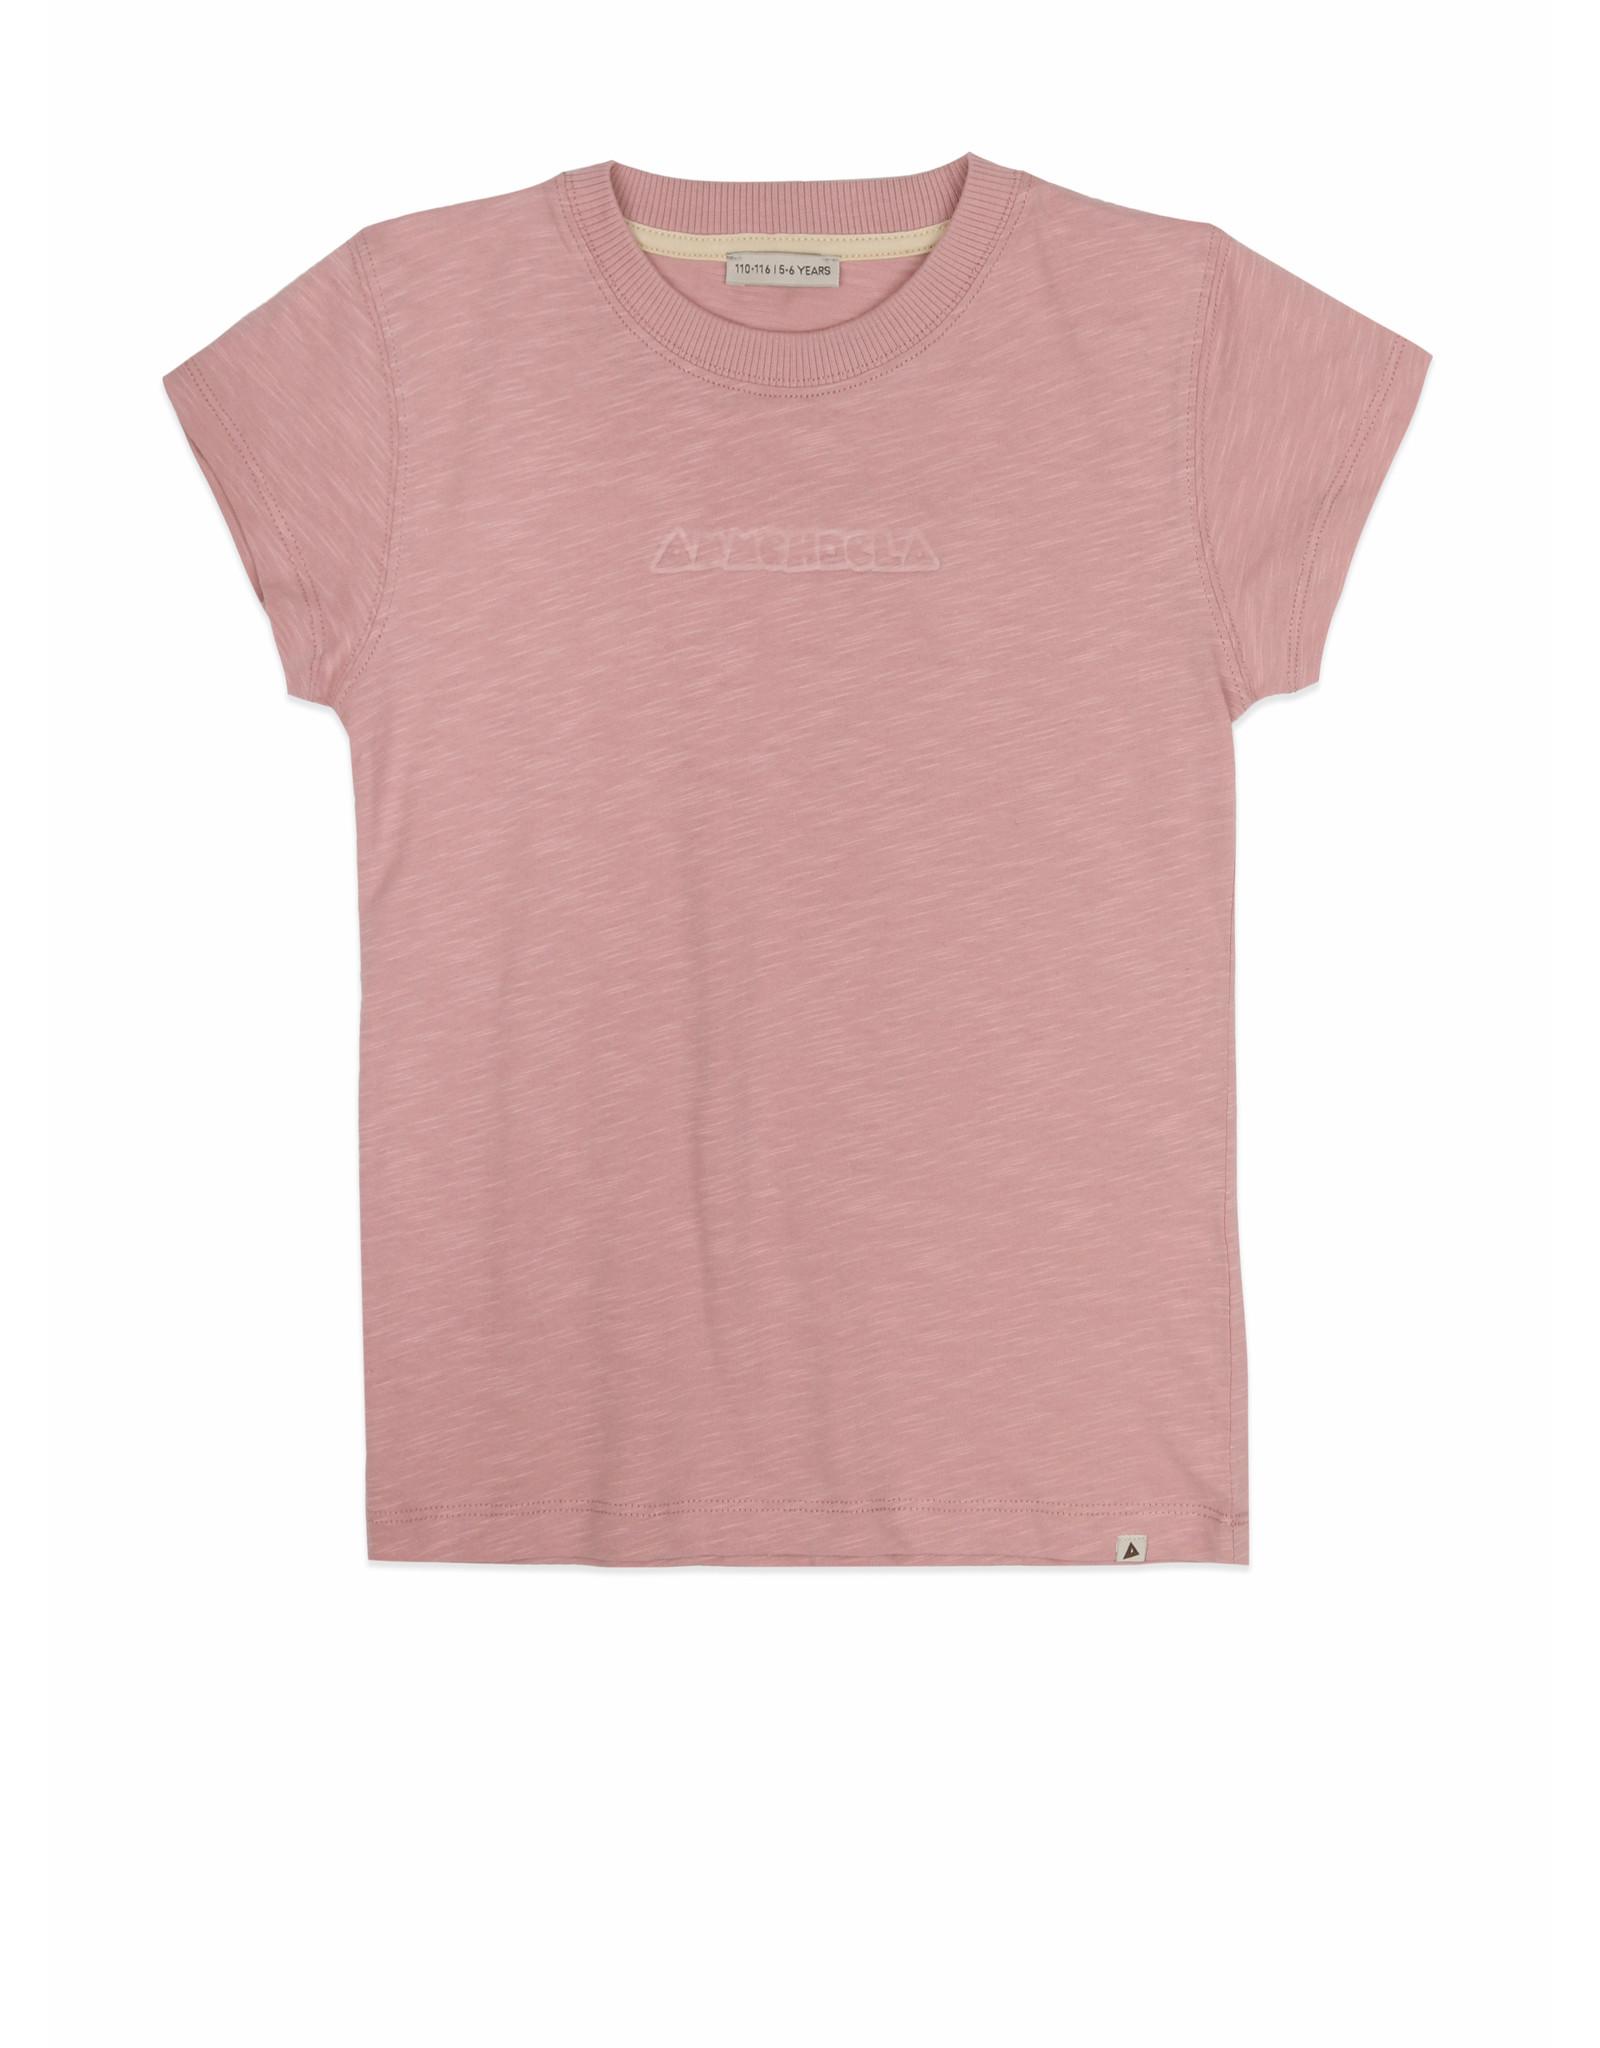 Ammehoela Ammehoela - Shortsleeve roze Zoe